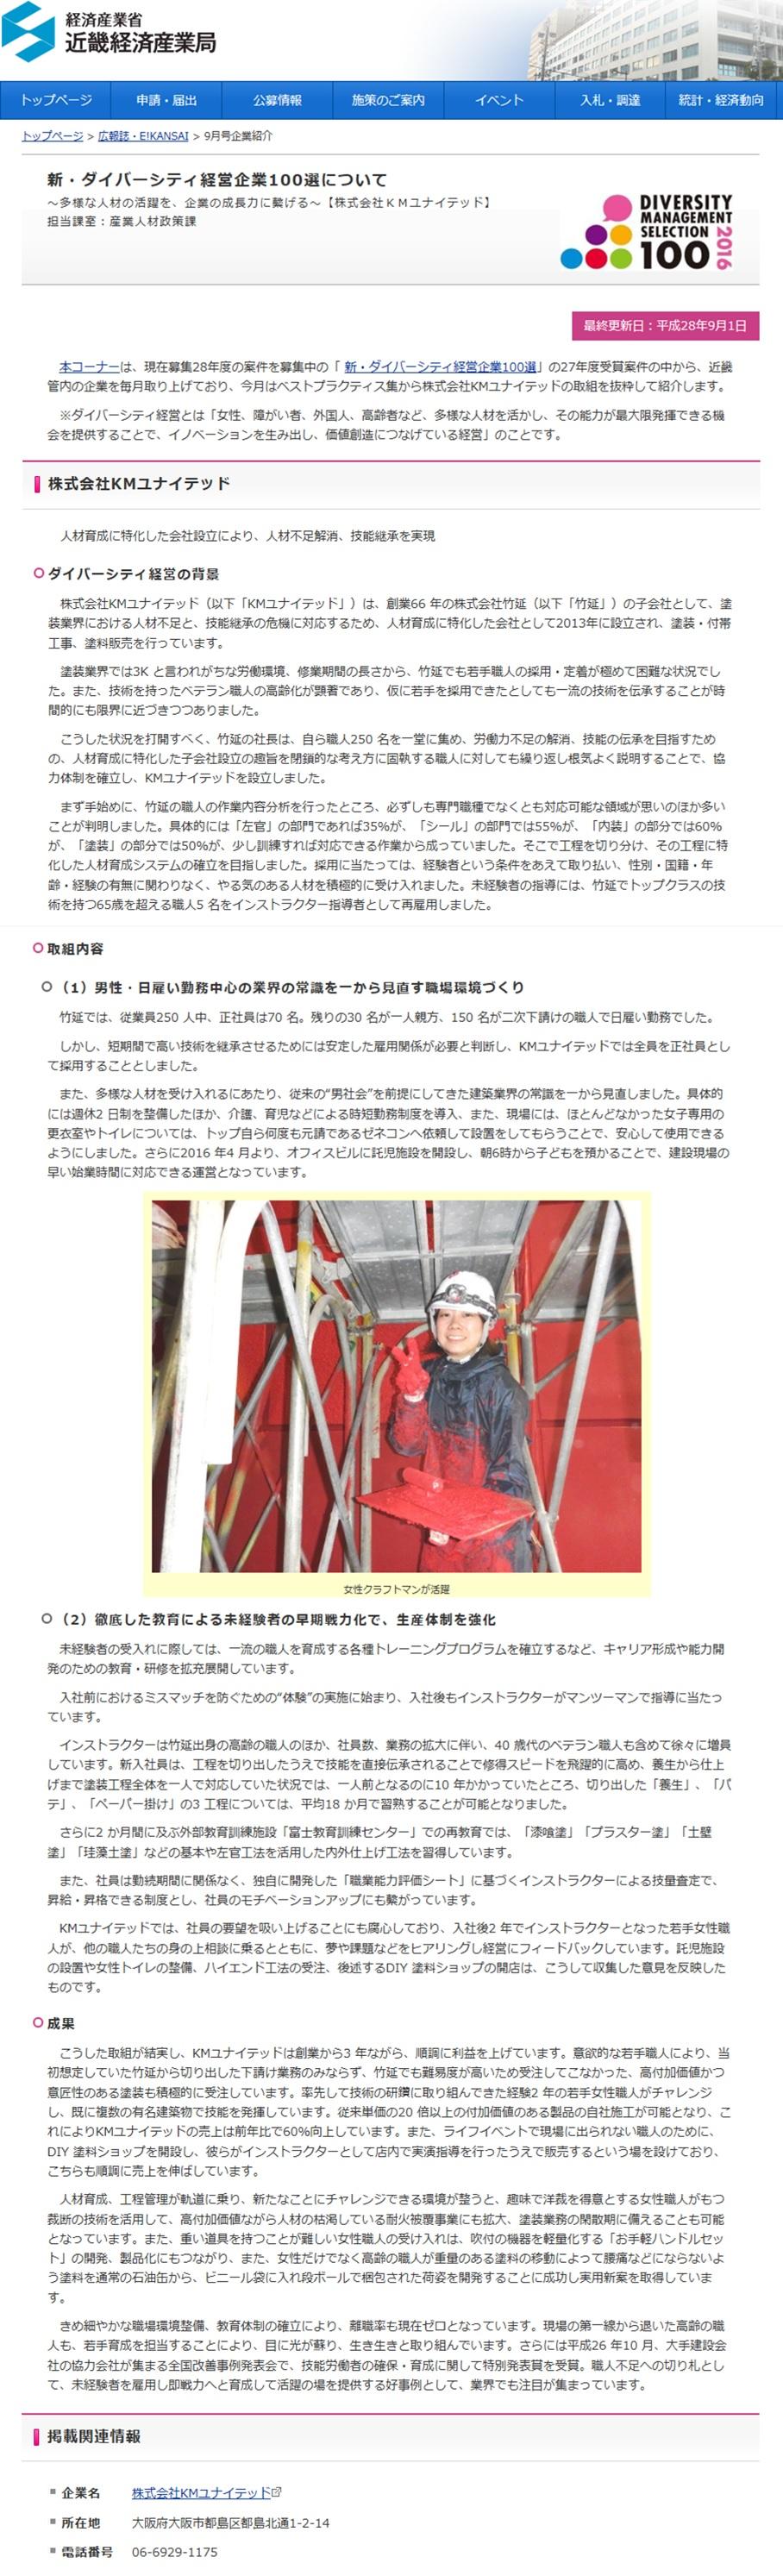 近畿経済産業局 広報誌「E-kansai」9月号